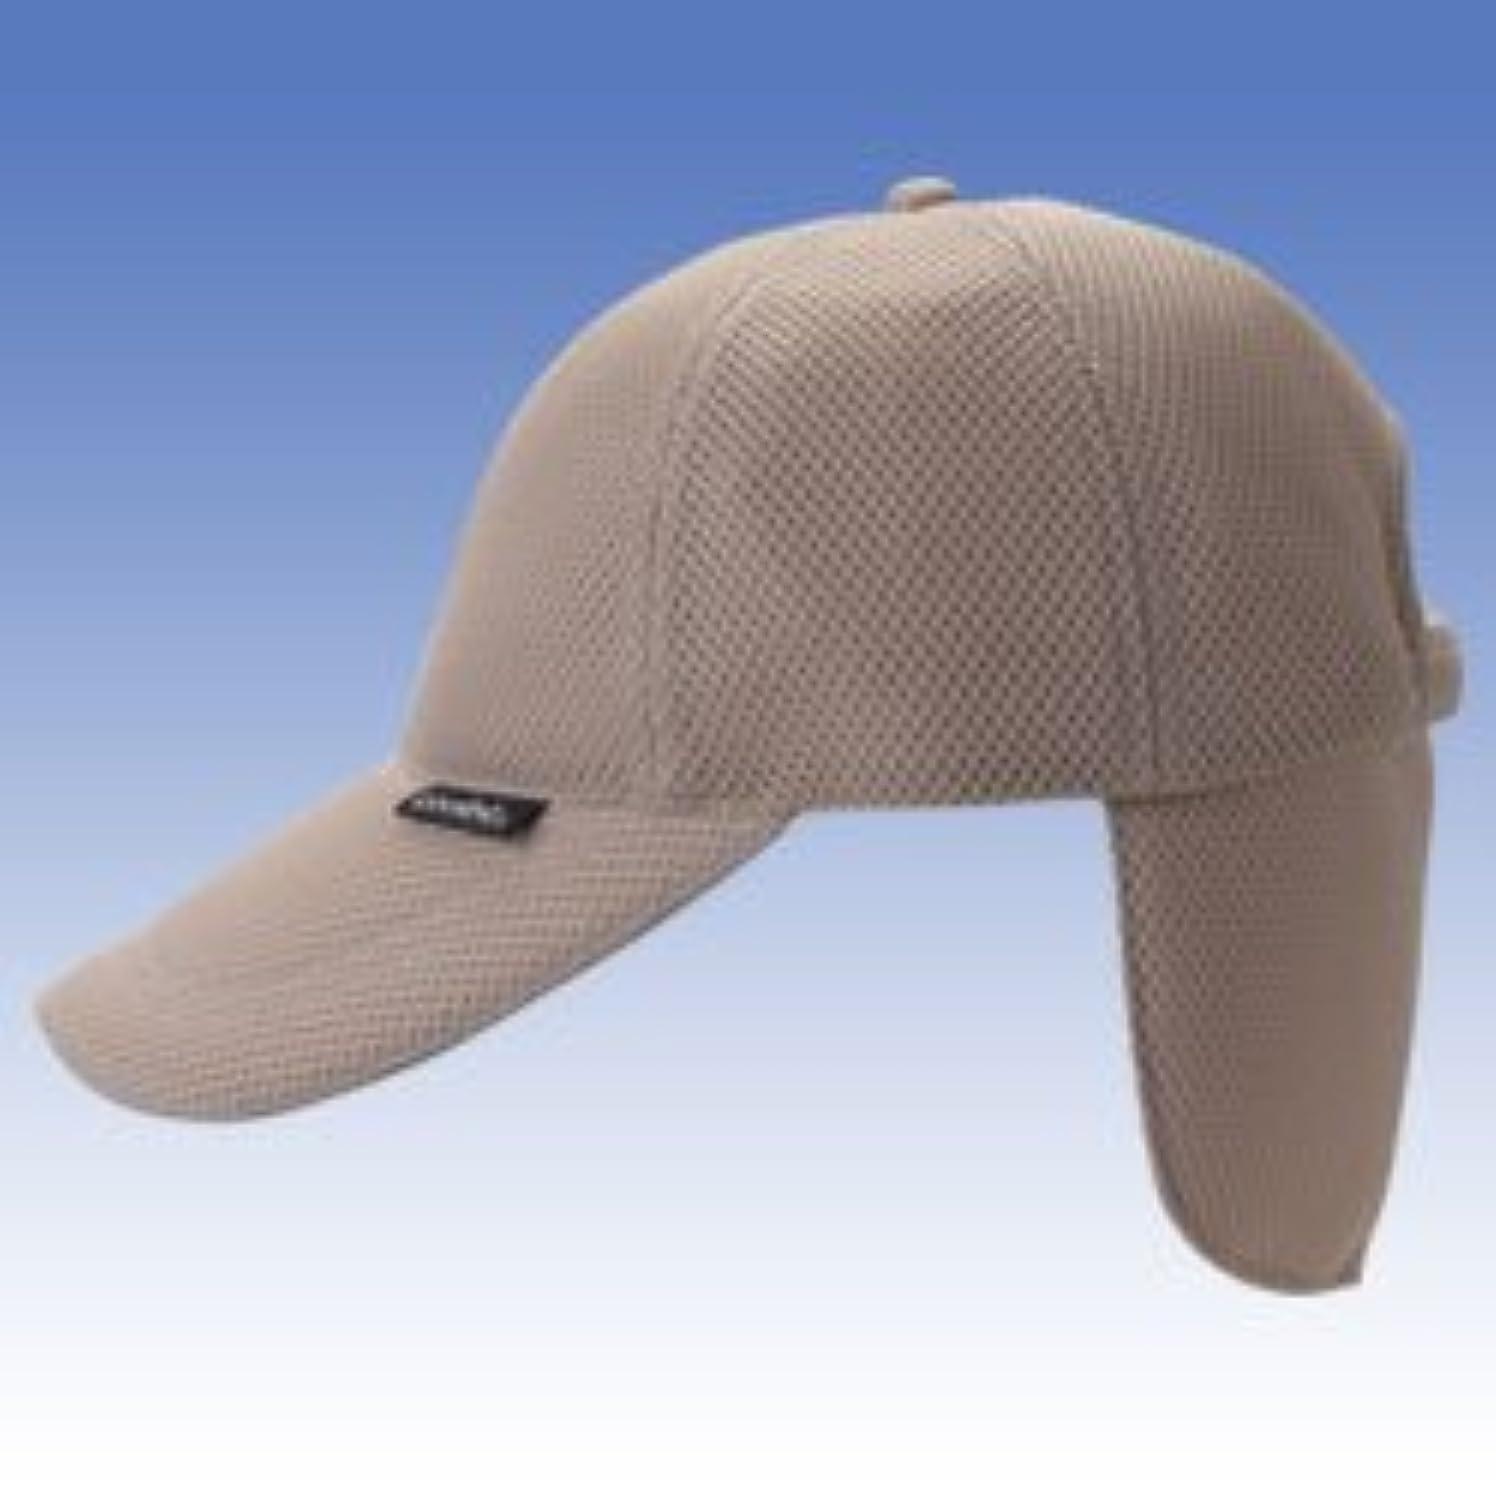 周辺十一コンサルタントヒンヤリ冷える帽子?クールビット(coolbit)キャップCBSPCP82ベージュ色 後ろカバー部を水に浸し気化熱で冷える!暑さ?熱中症対策に!夏のアウトドアが涼しく爽快!フラップ涼令構造が特許取得商品。